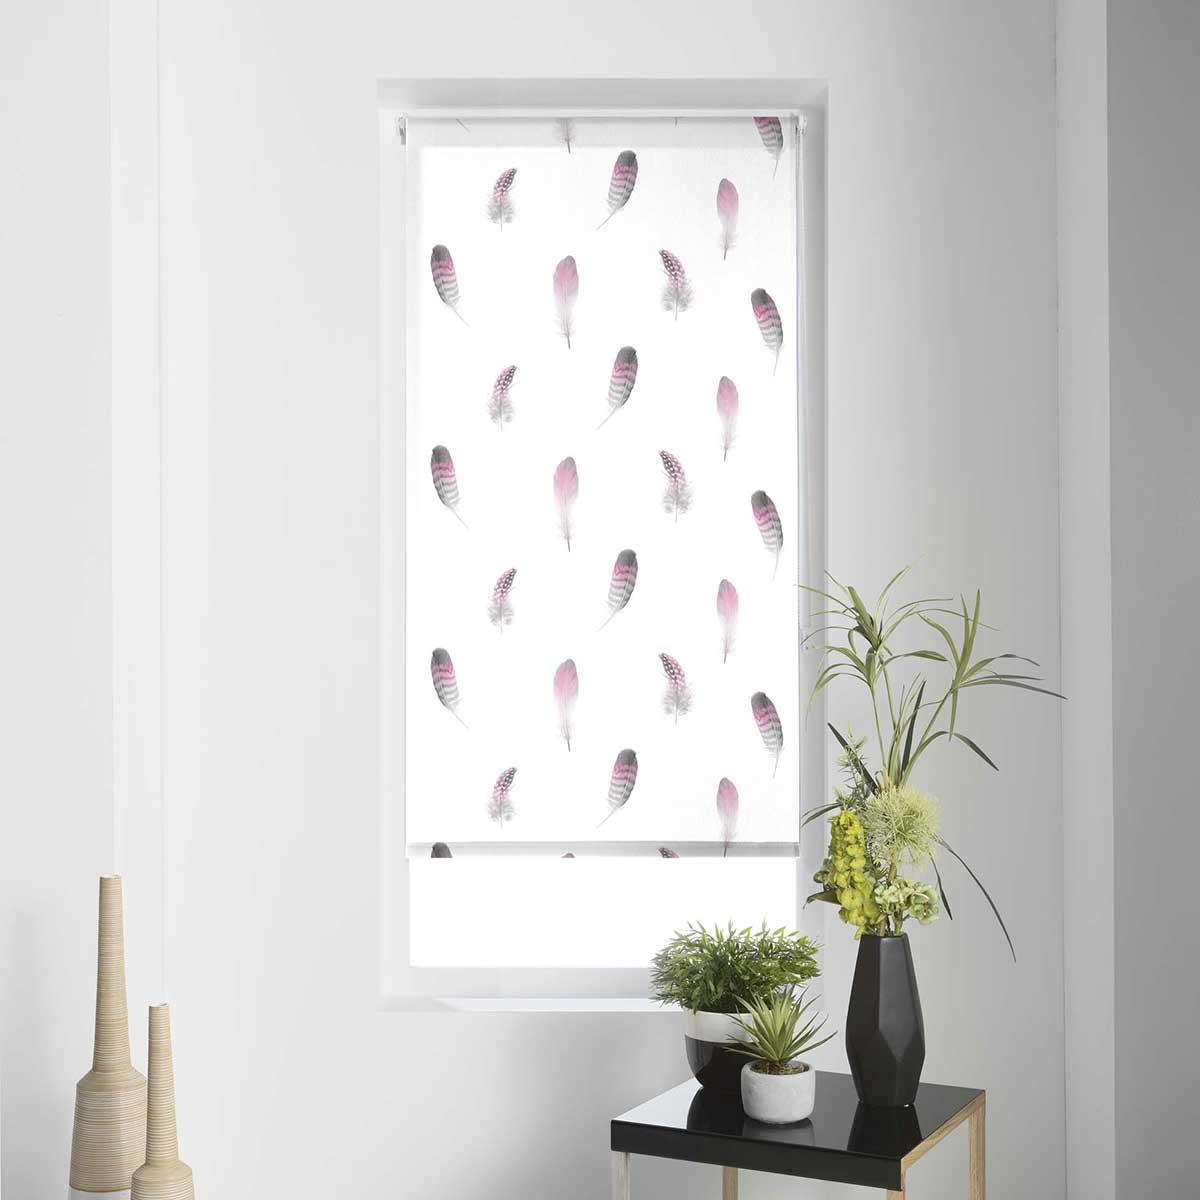 Store Enrouleur Tamisant Imprimé Plumettes - Multicouleur - 120 x 180 cm